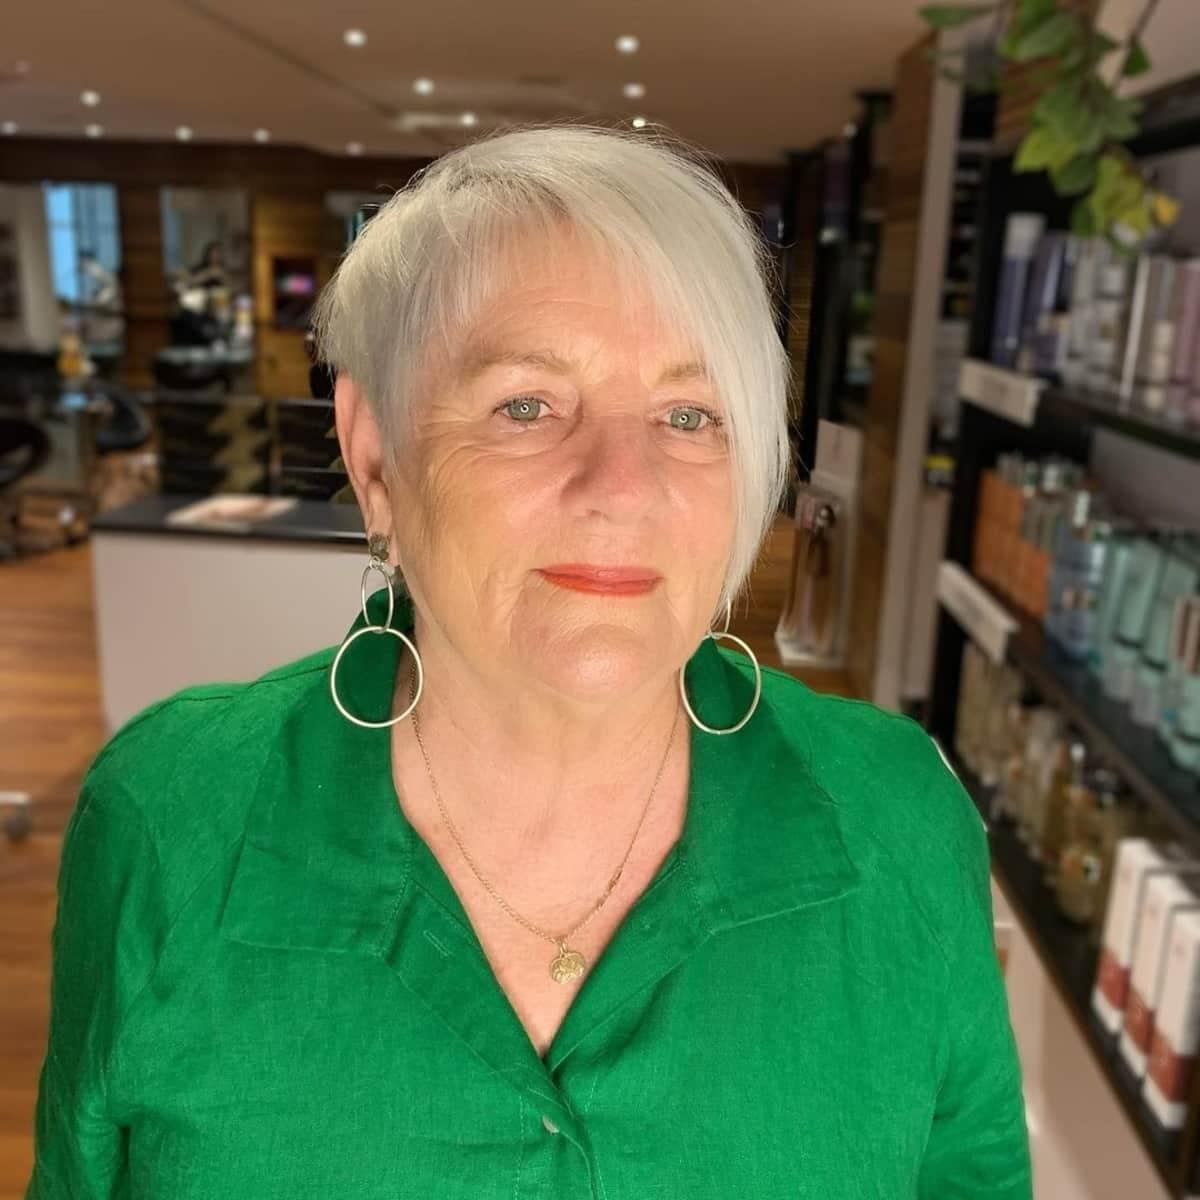 long pixie choppy avec frange pour les femmes de 60 ans aux cheveux gris